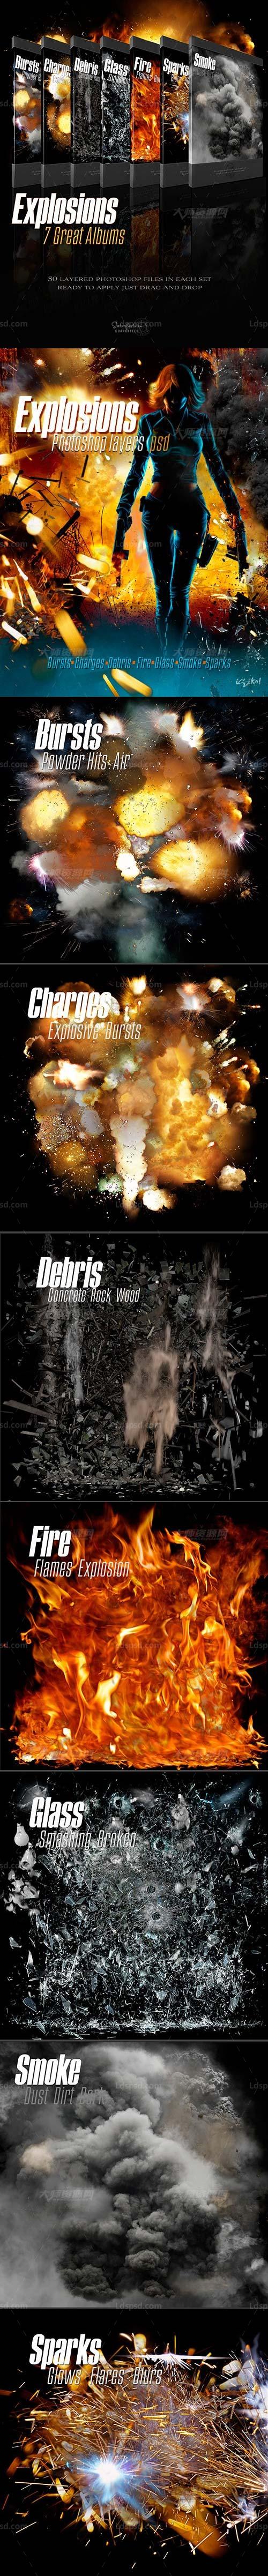 7套高清的合成爆炸特效专用的图片素材合集(PSD文件/透明图层):Rons Explosions